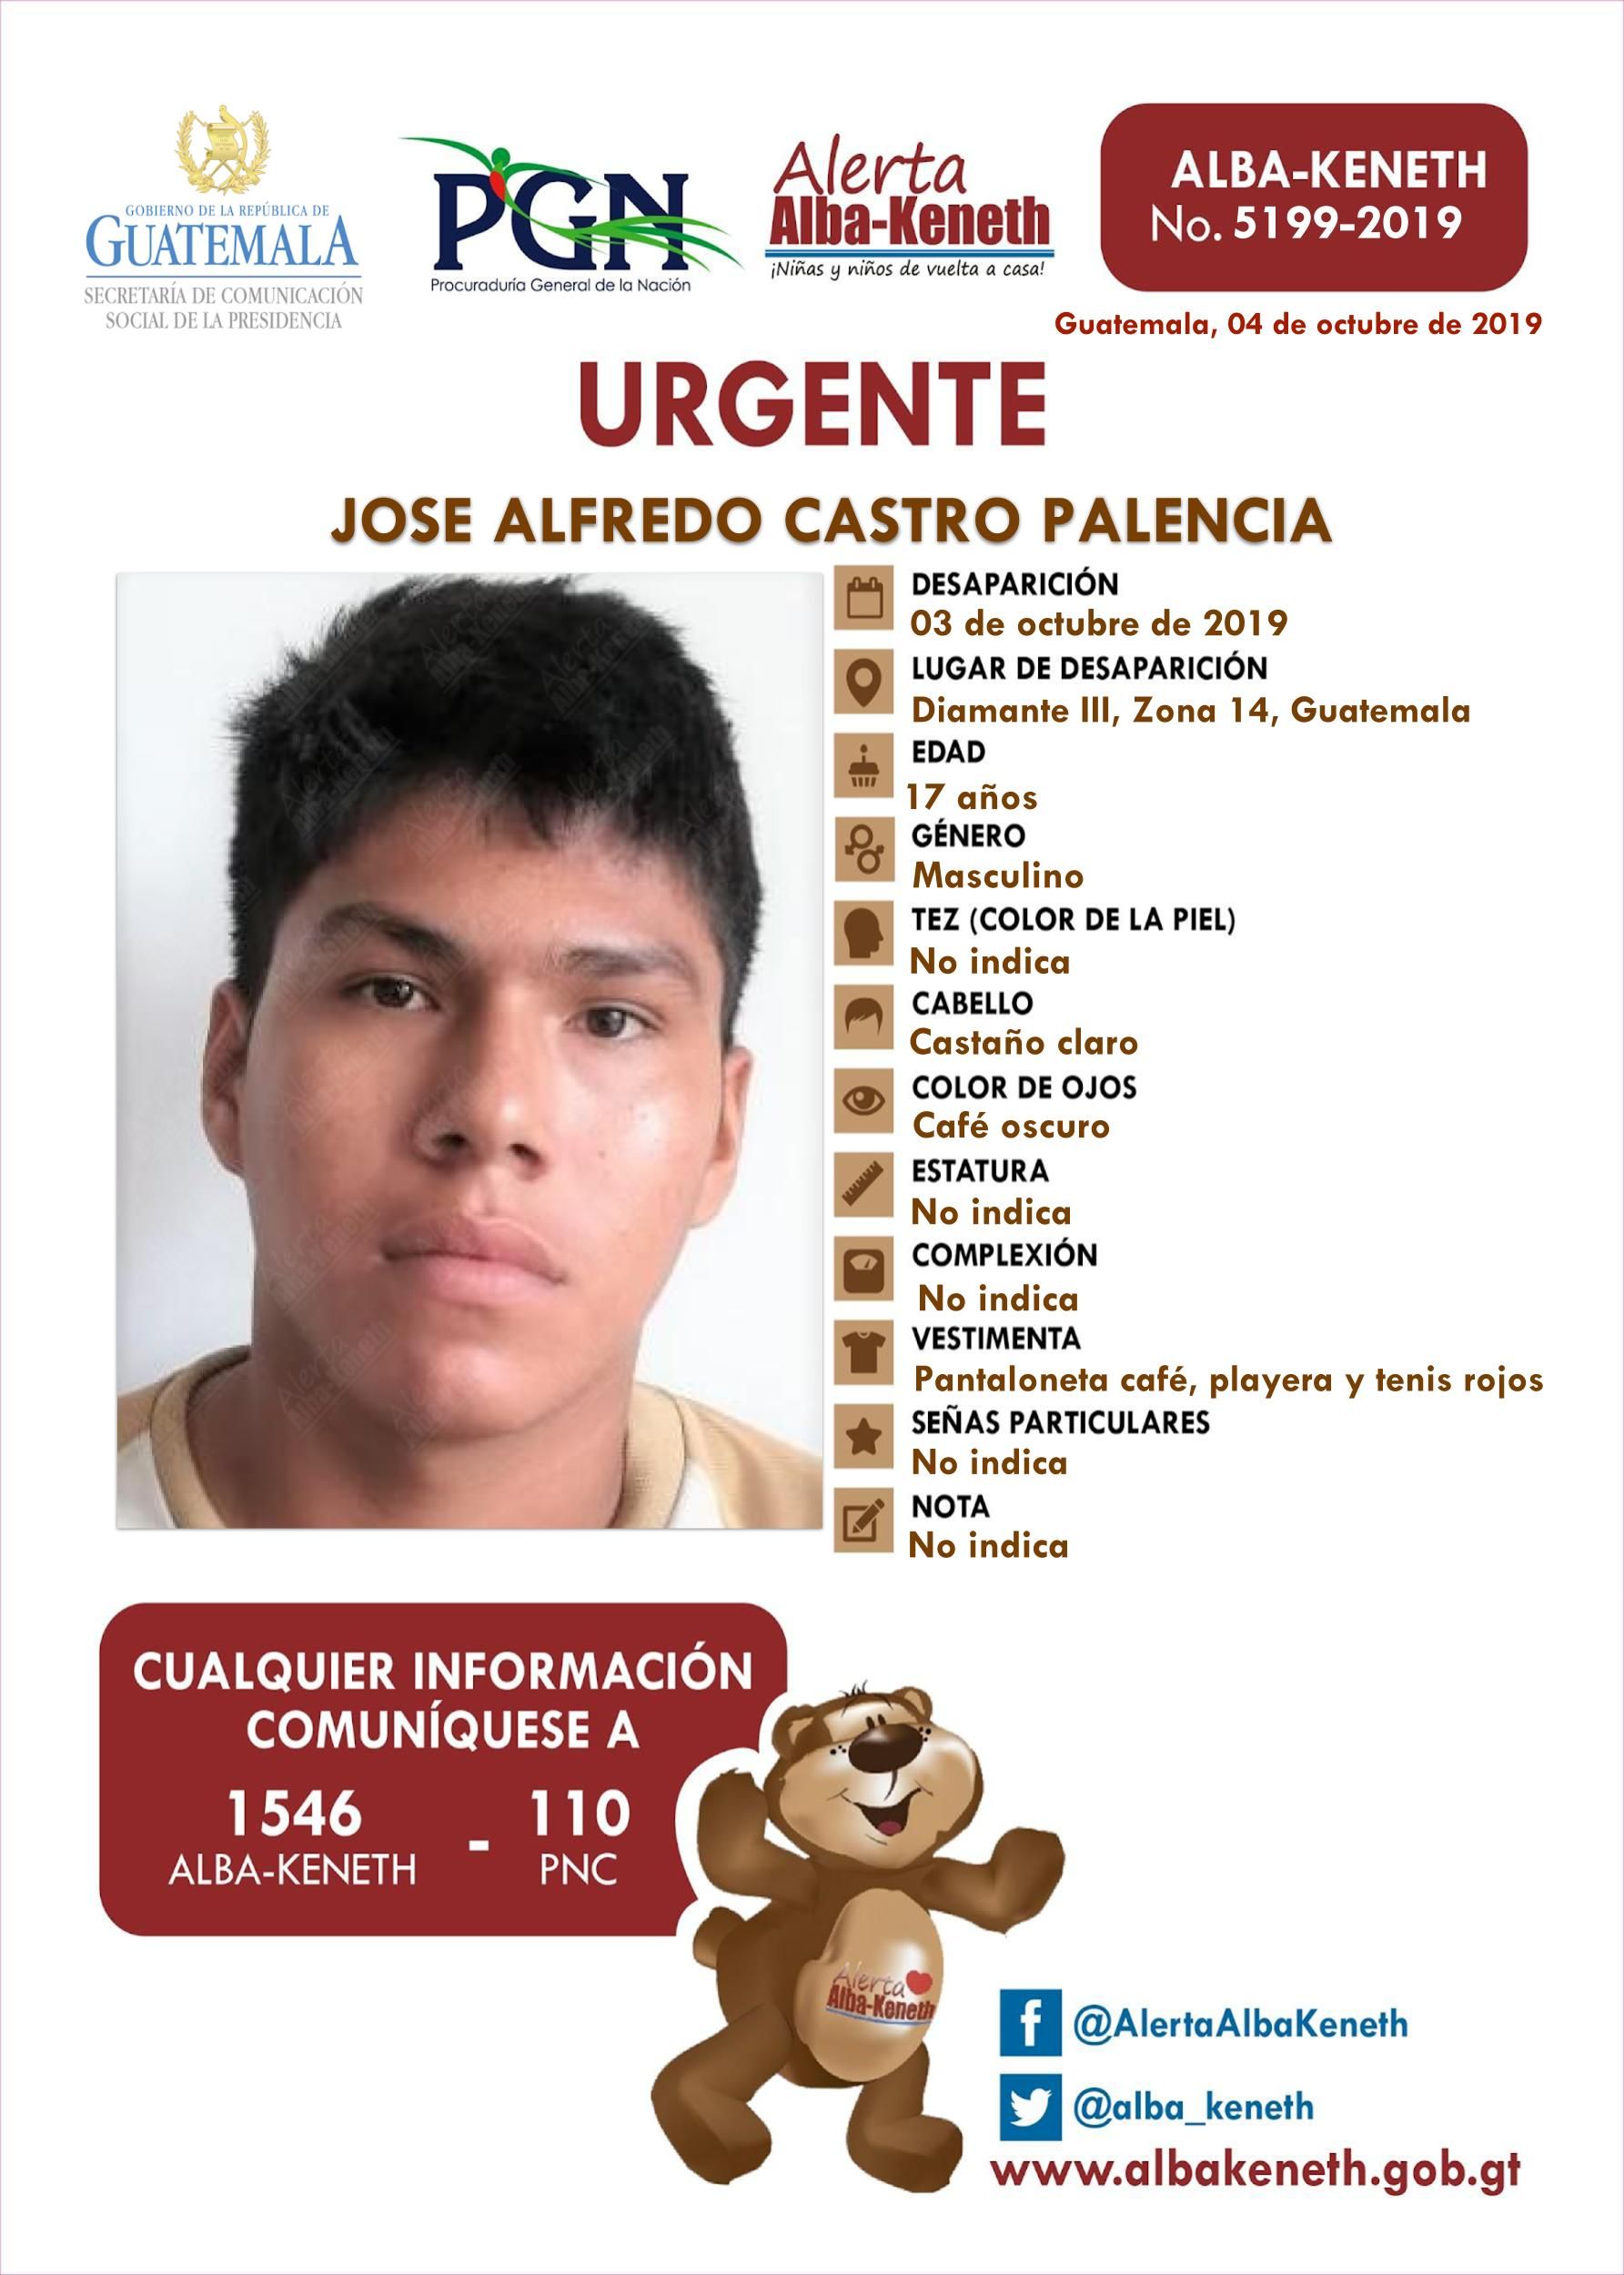 Jose Alfredo Castro Palencia